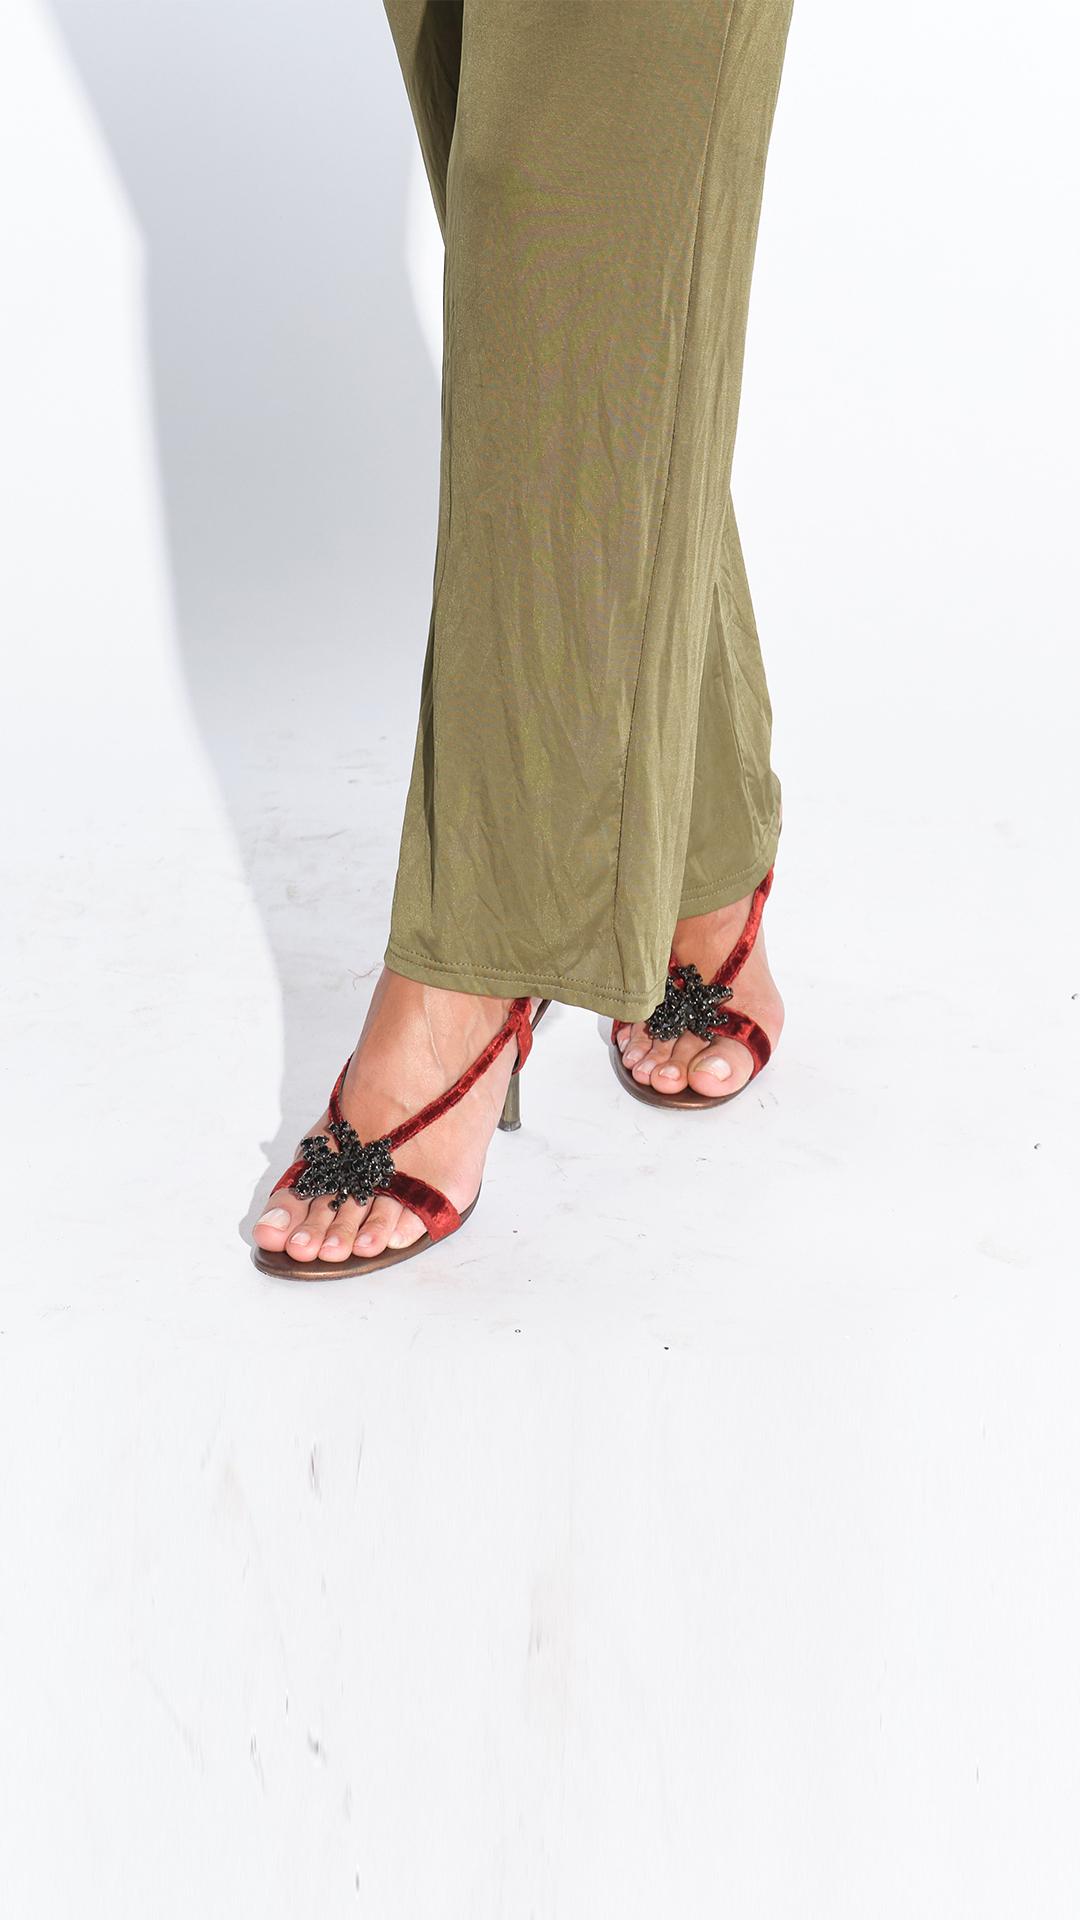 2000ler bordo kadife alçak topuklu ayakkabı